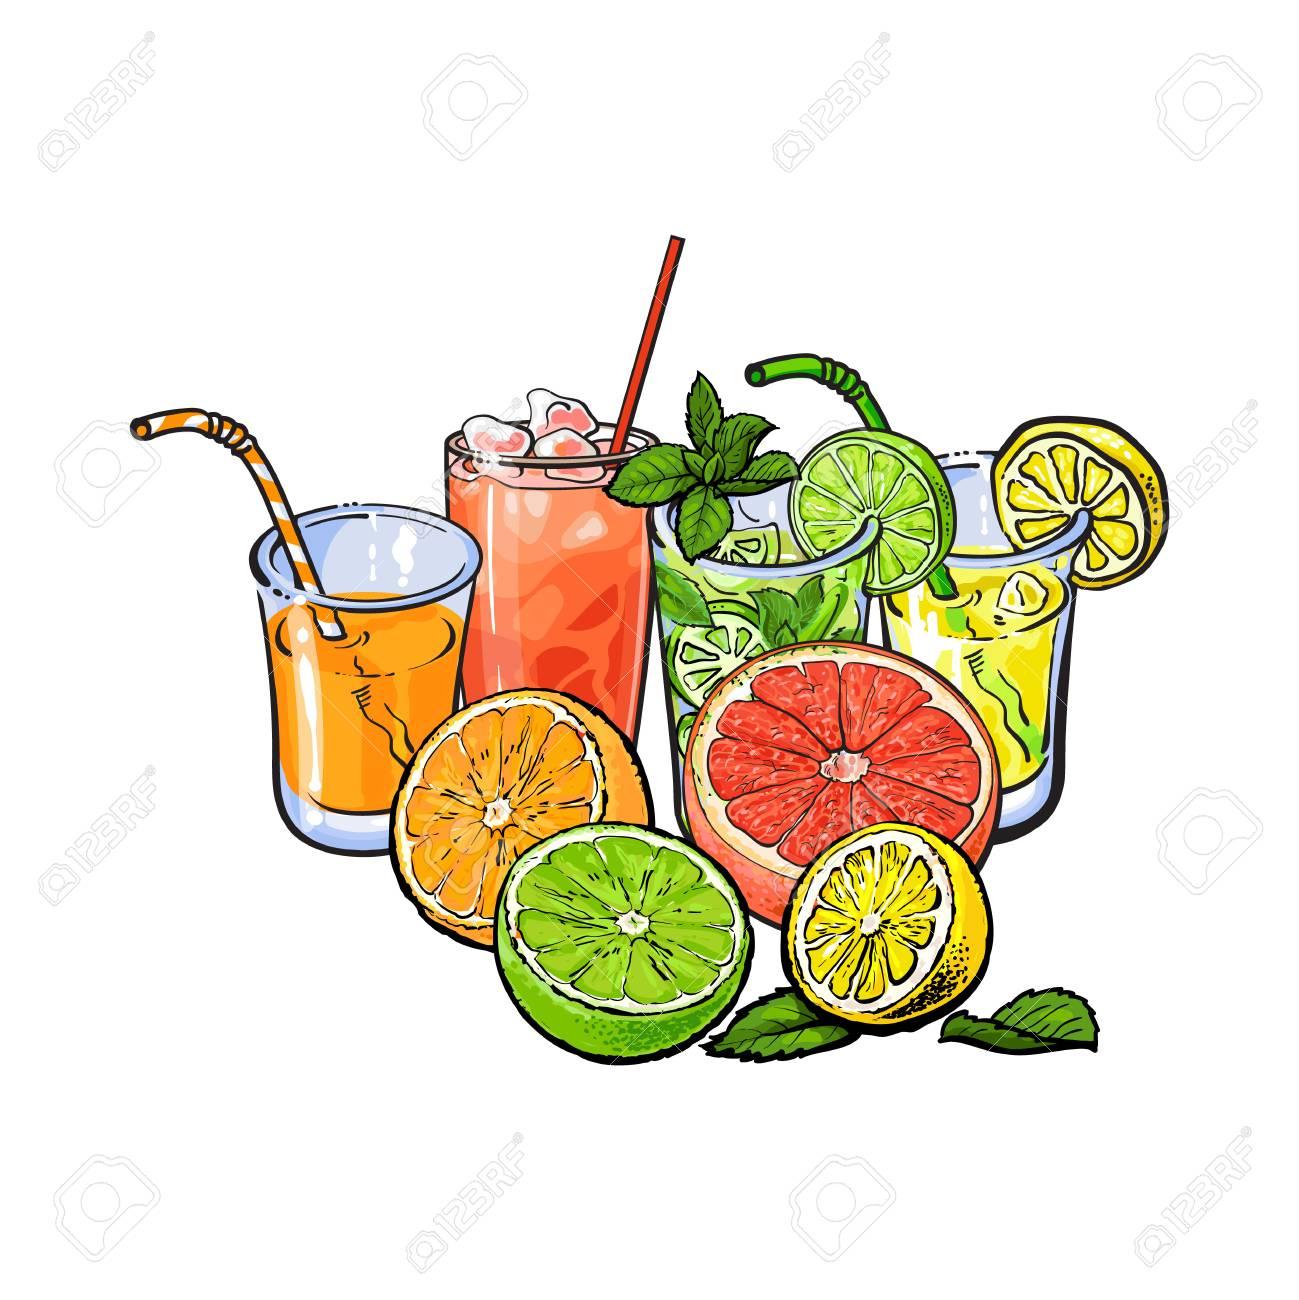 Orange Pamplemousse Citron Vert Jus De Citron Et Fruits Illustration Vectorielle De Croquis Dessinés à La Main Sur Fond Blanc Dessin à La Main